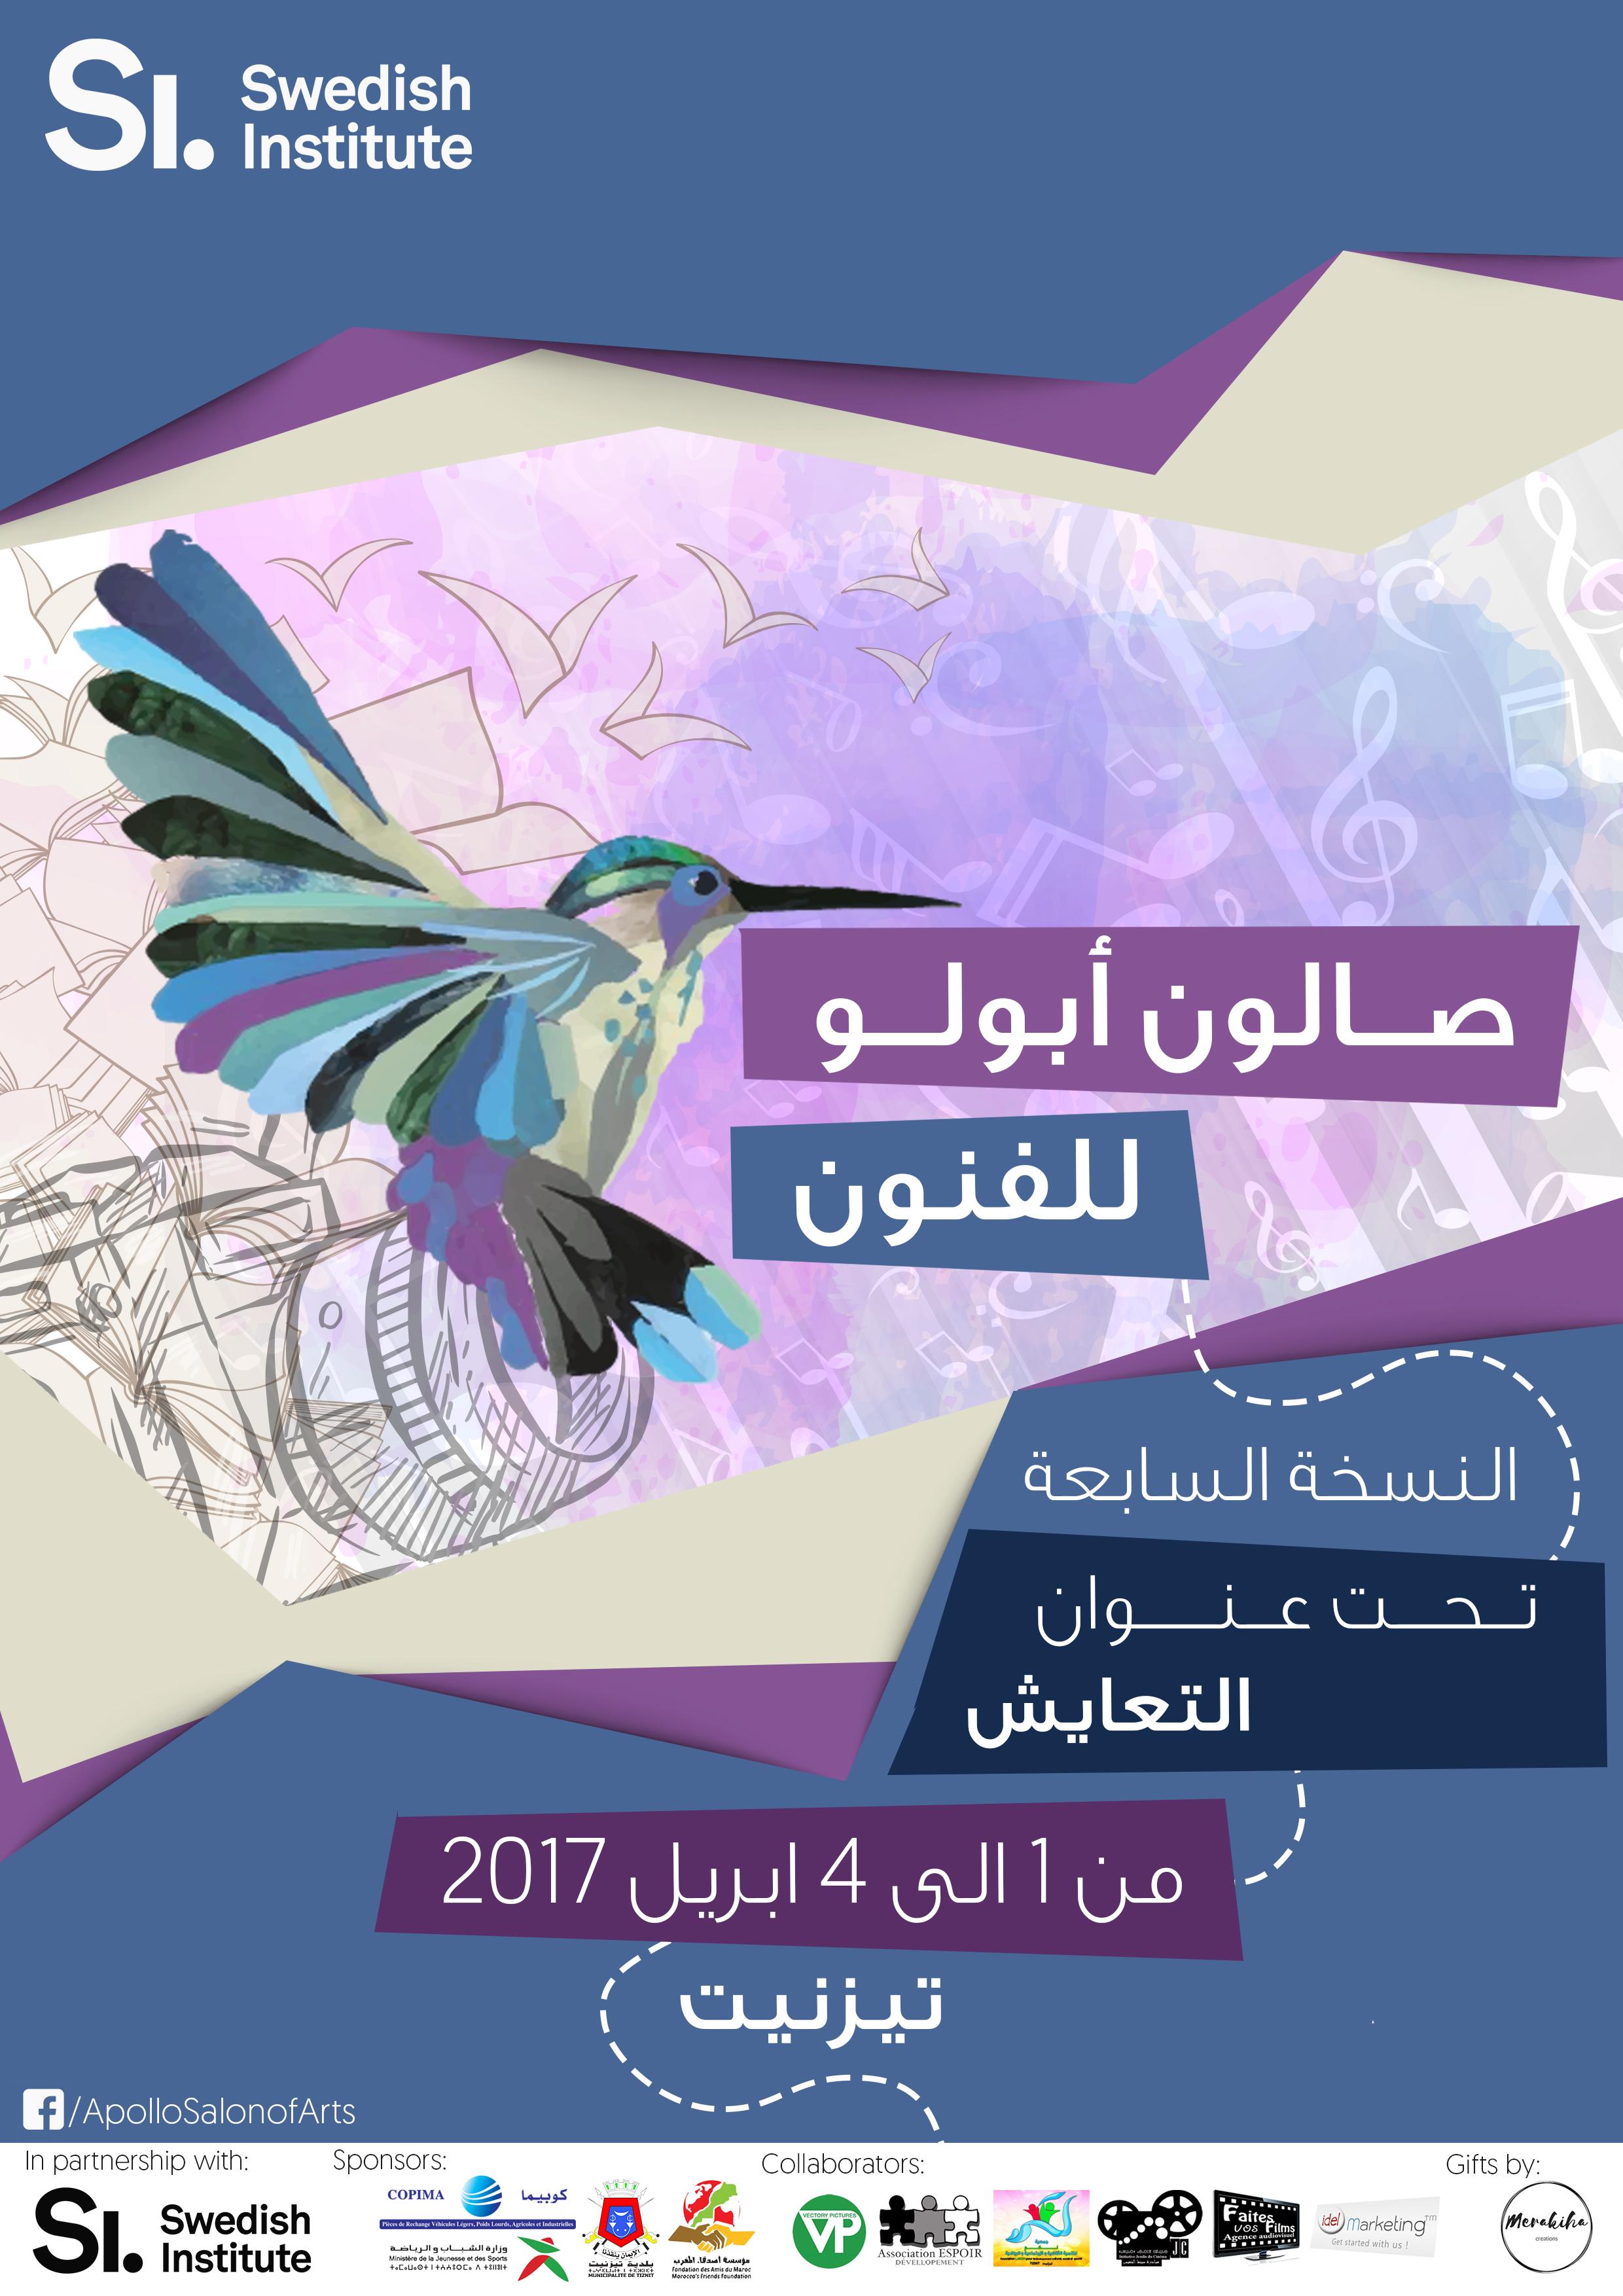 بلاغ صحفي : النسخة 7 لصالون ابولو للفنون